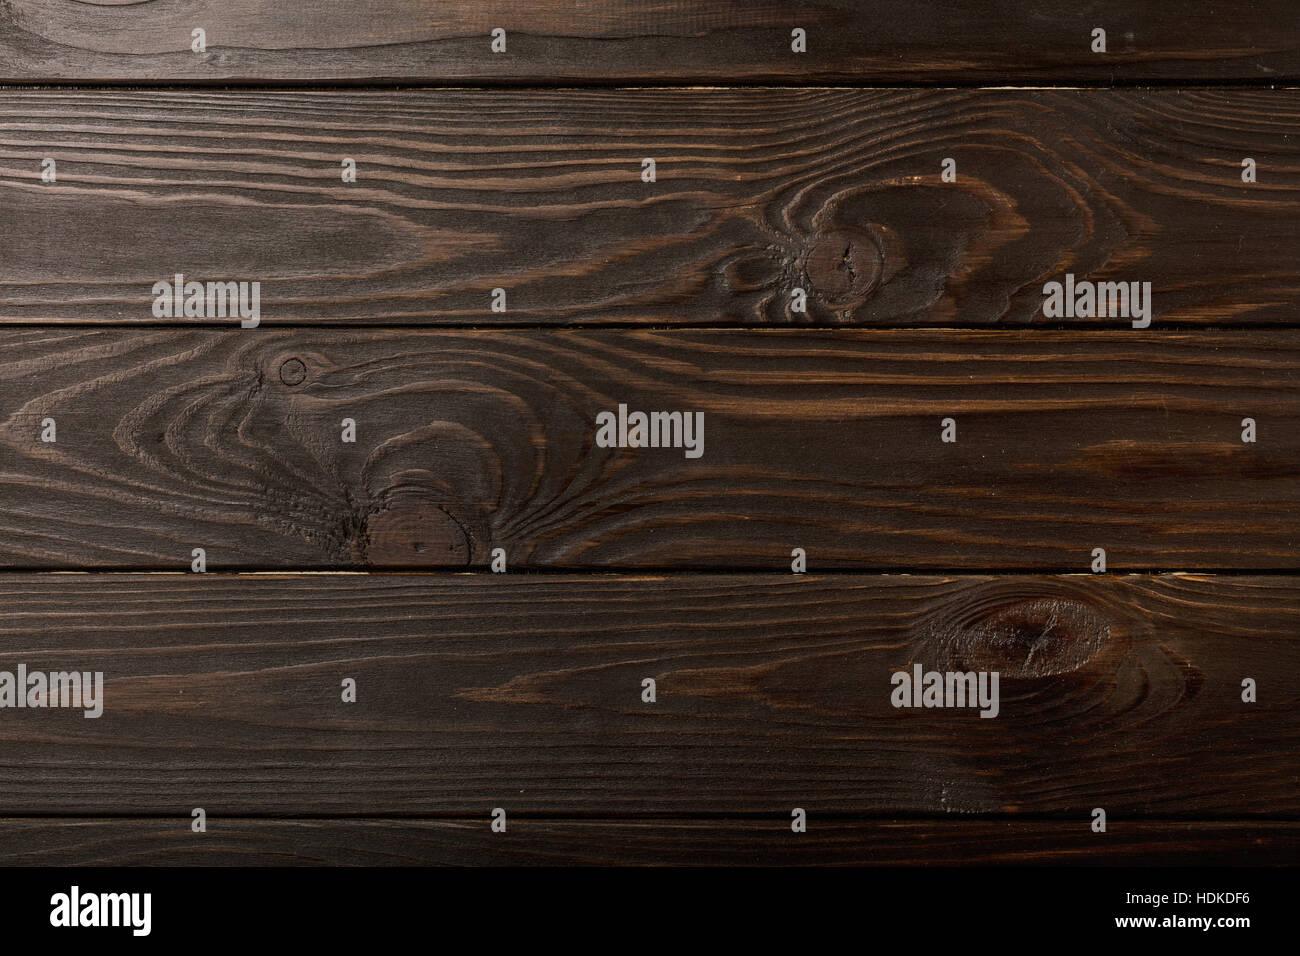 Assi Di Legno Hd : Listoni in legno di un colore marrone scuro dello sfondo foto